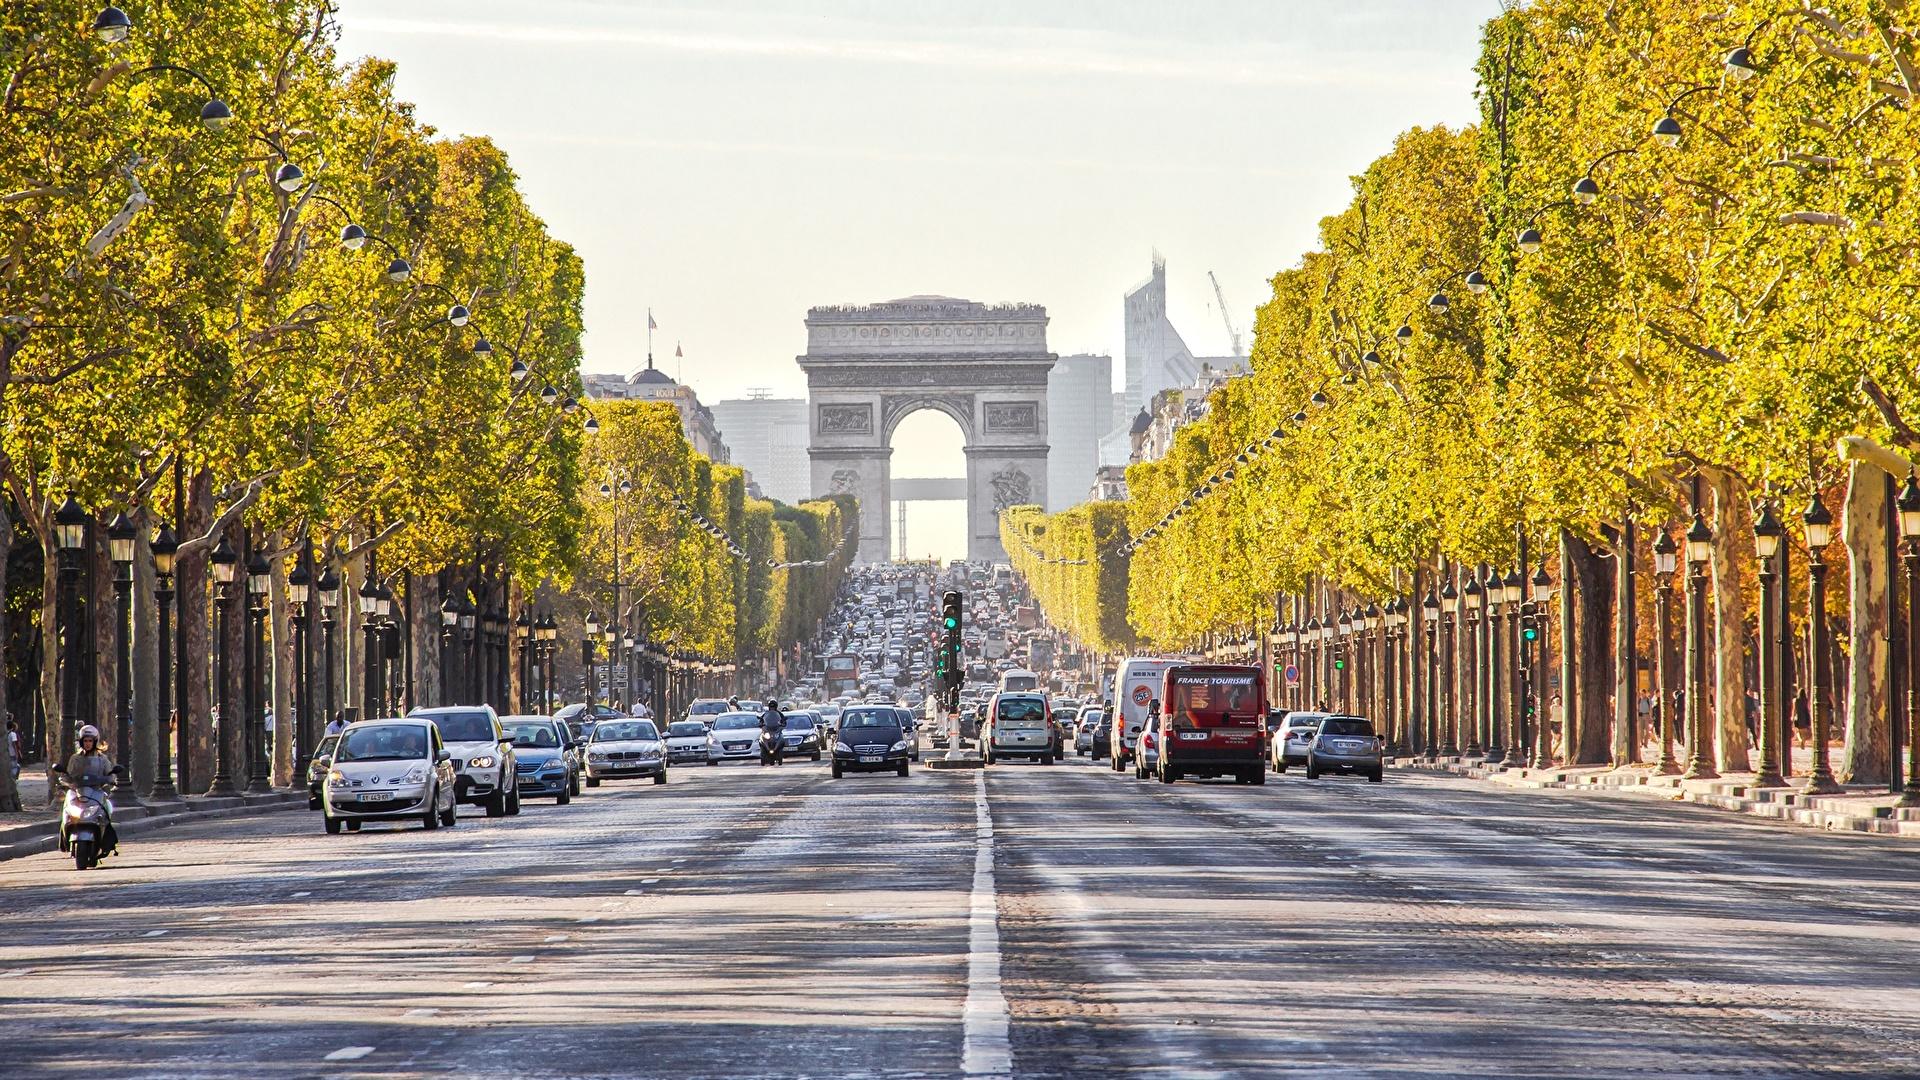 Image Paris France Arch Roads Cities 1920x1080